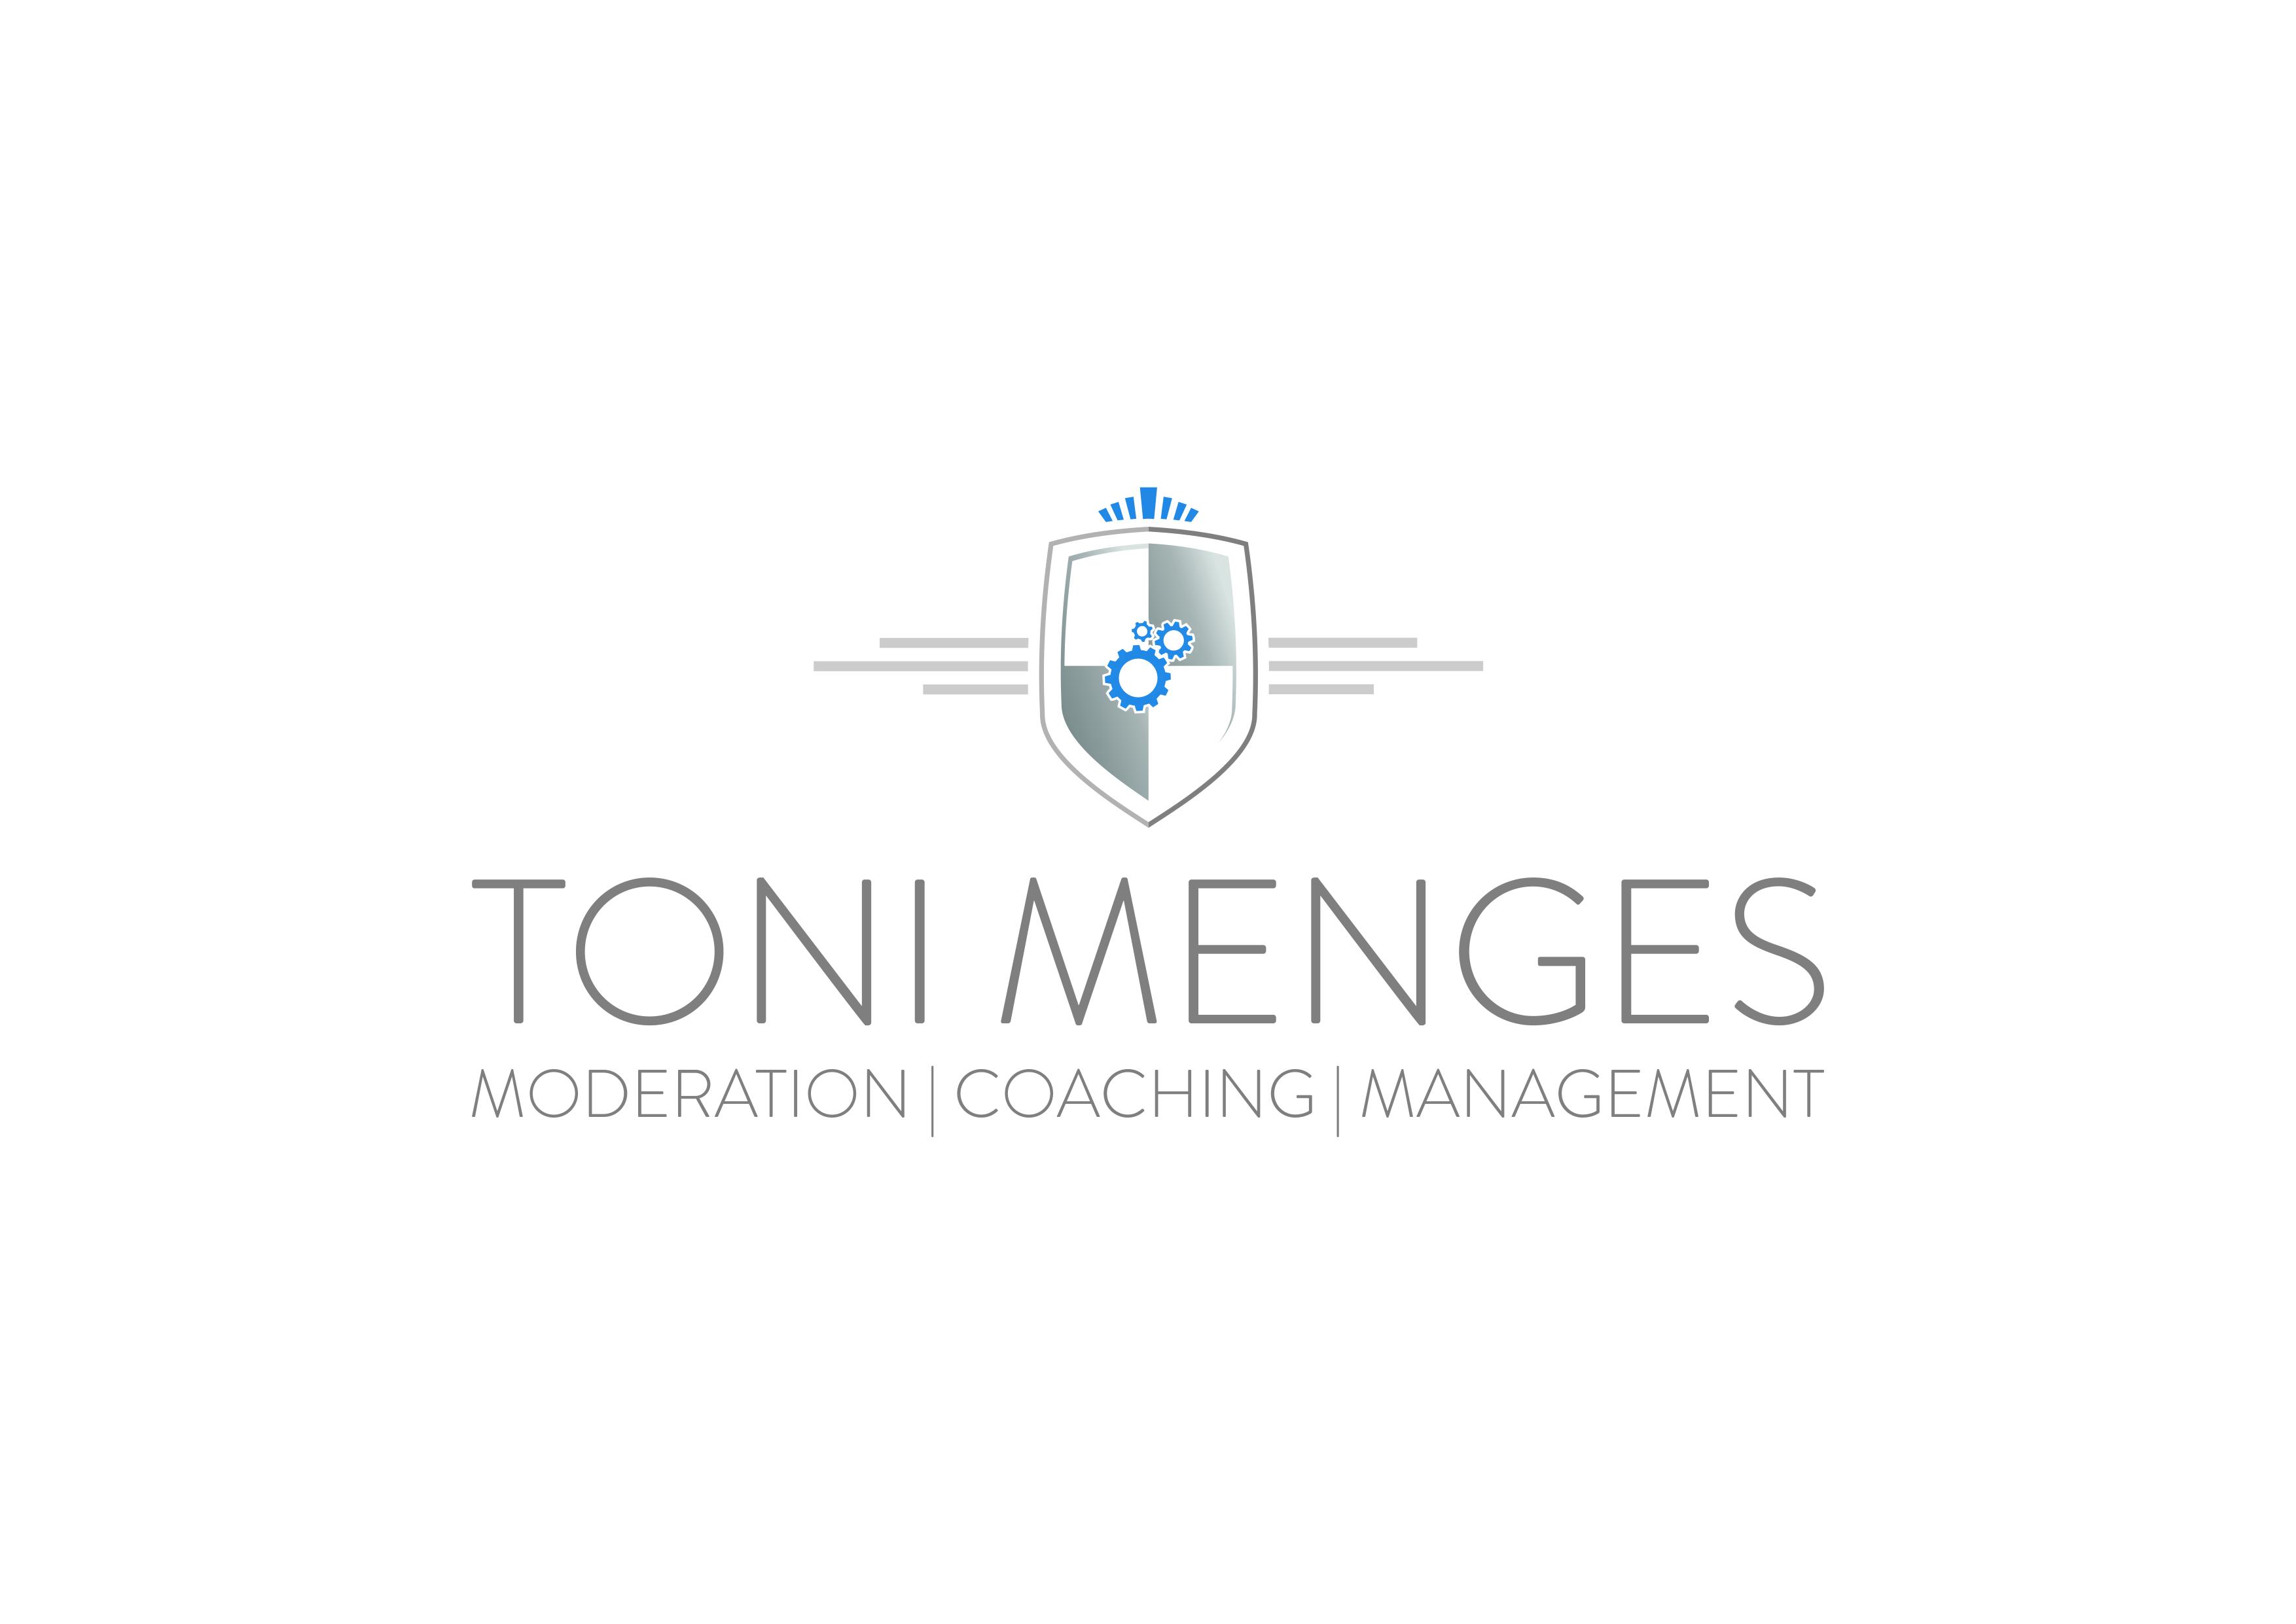 Toni Menges